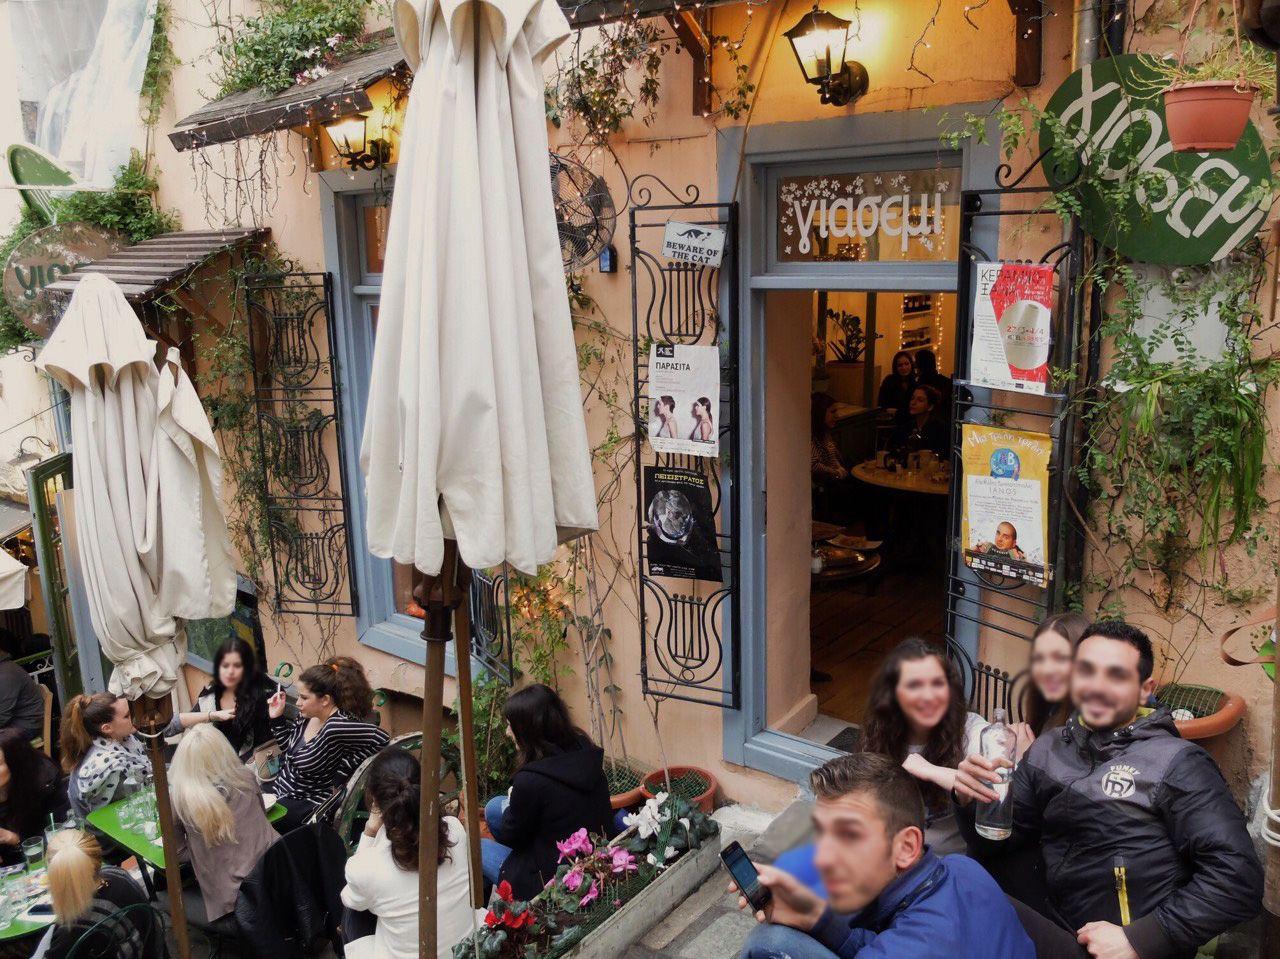 観光客は知らないローカルな素敵カフェ Yiasemi(イアセミ)